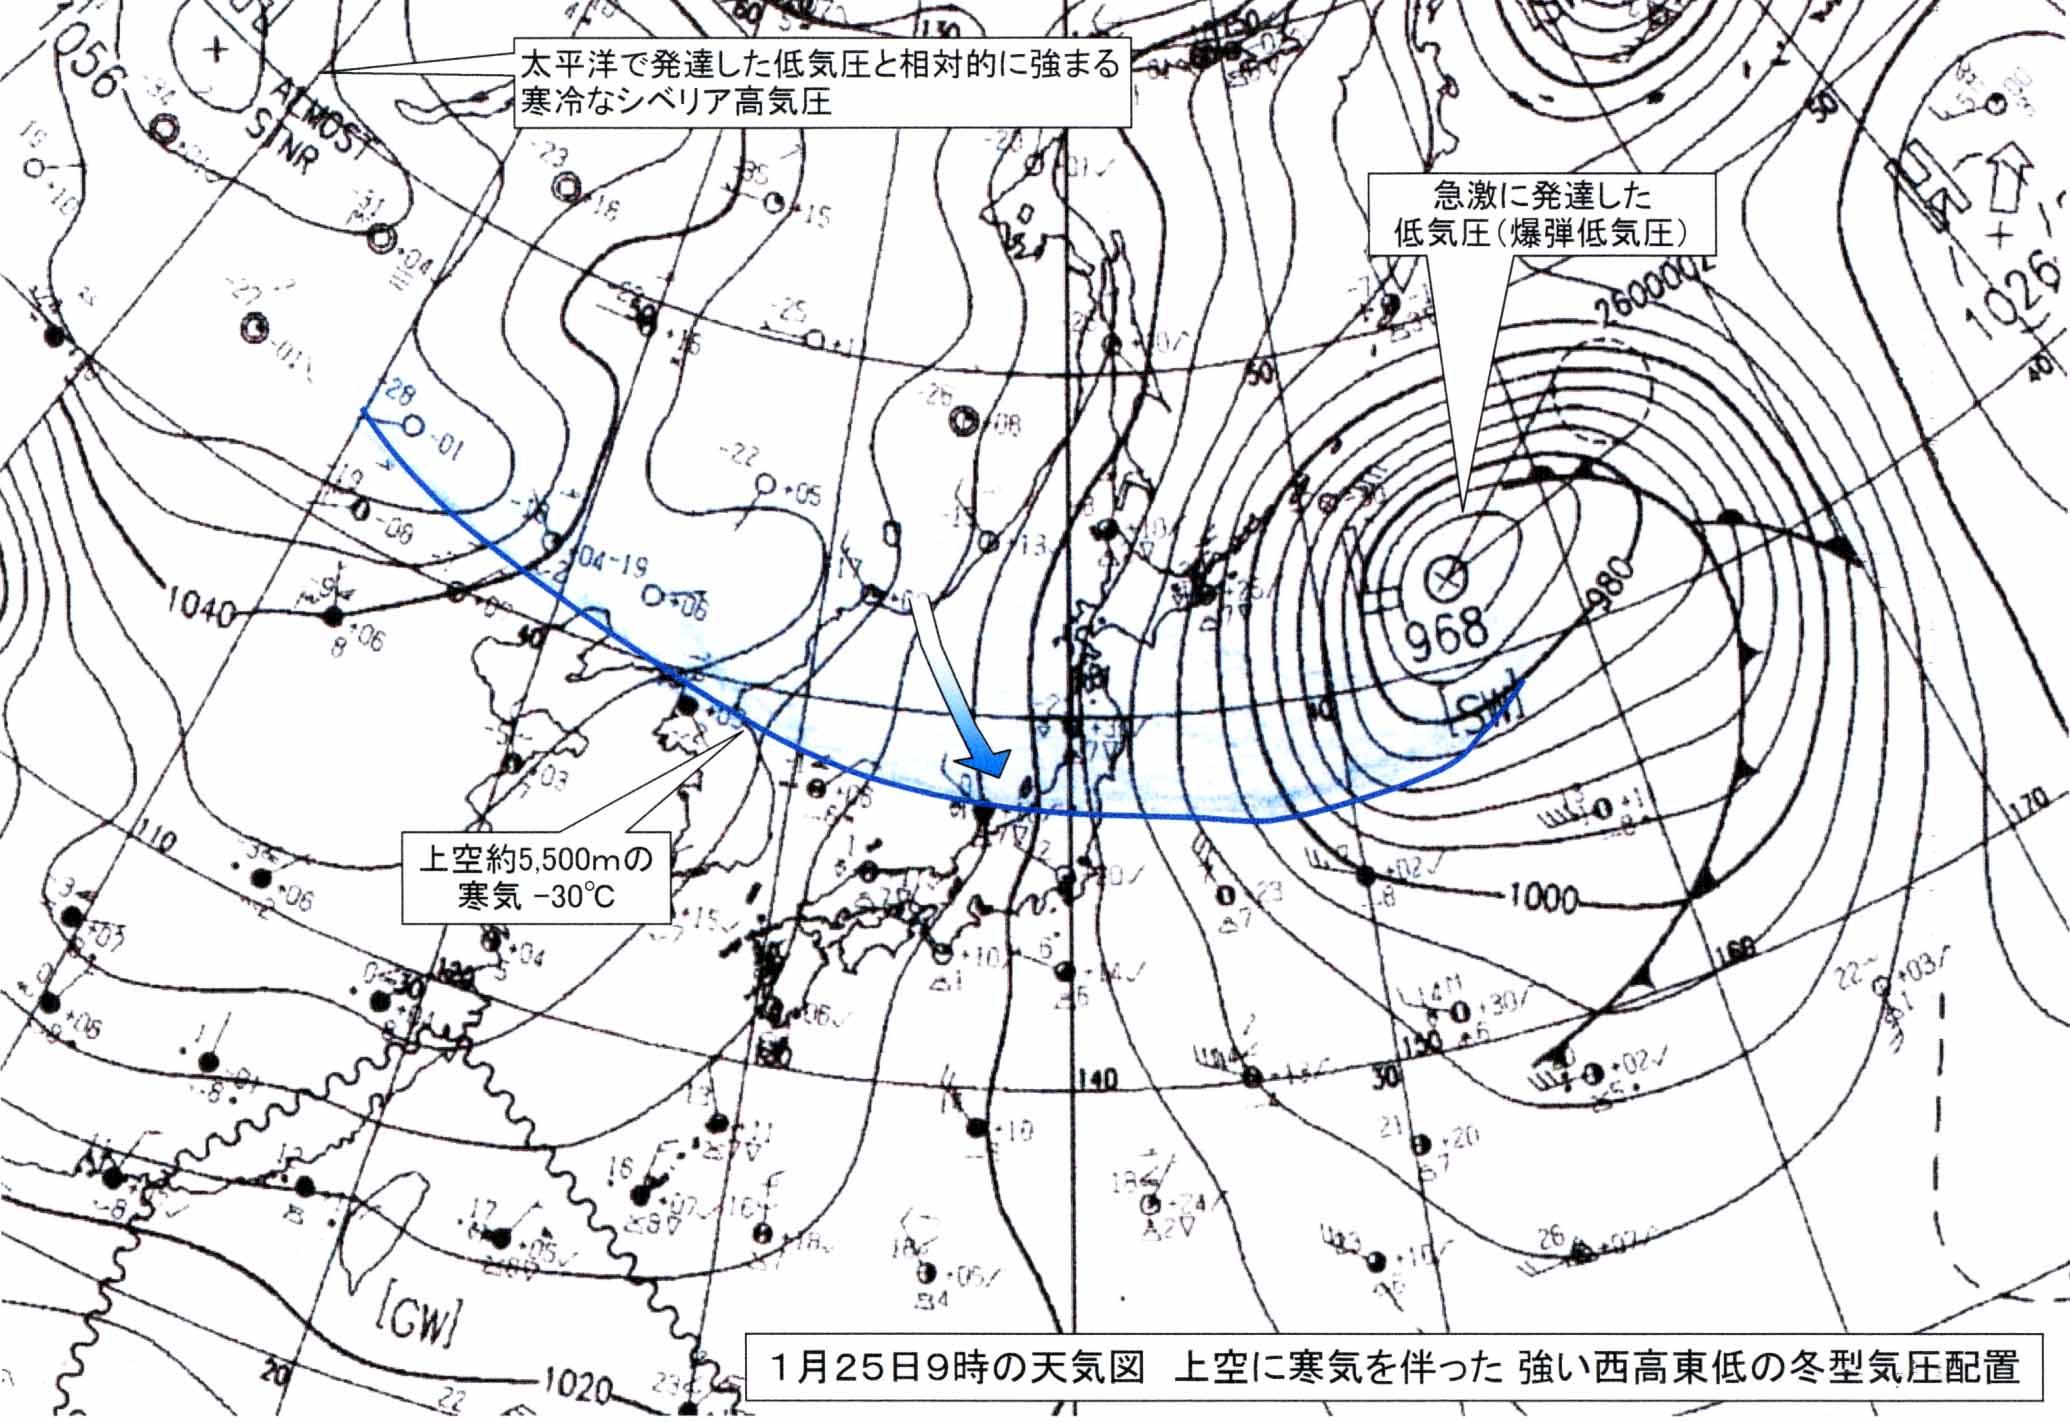 2008年1月25日9時の天気図の説明